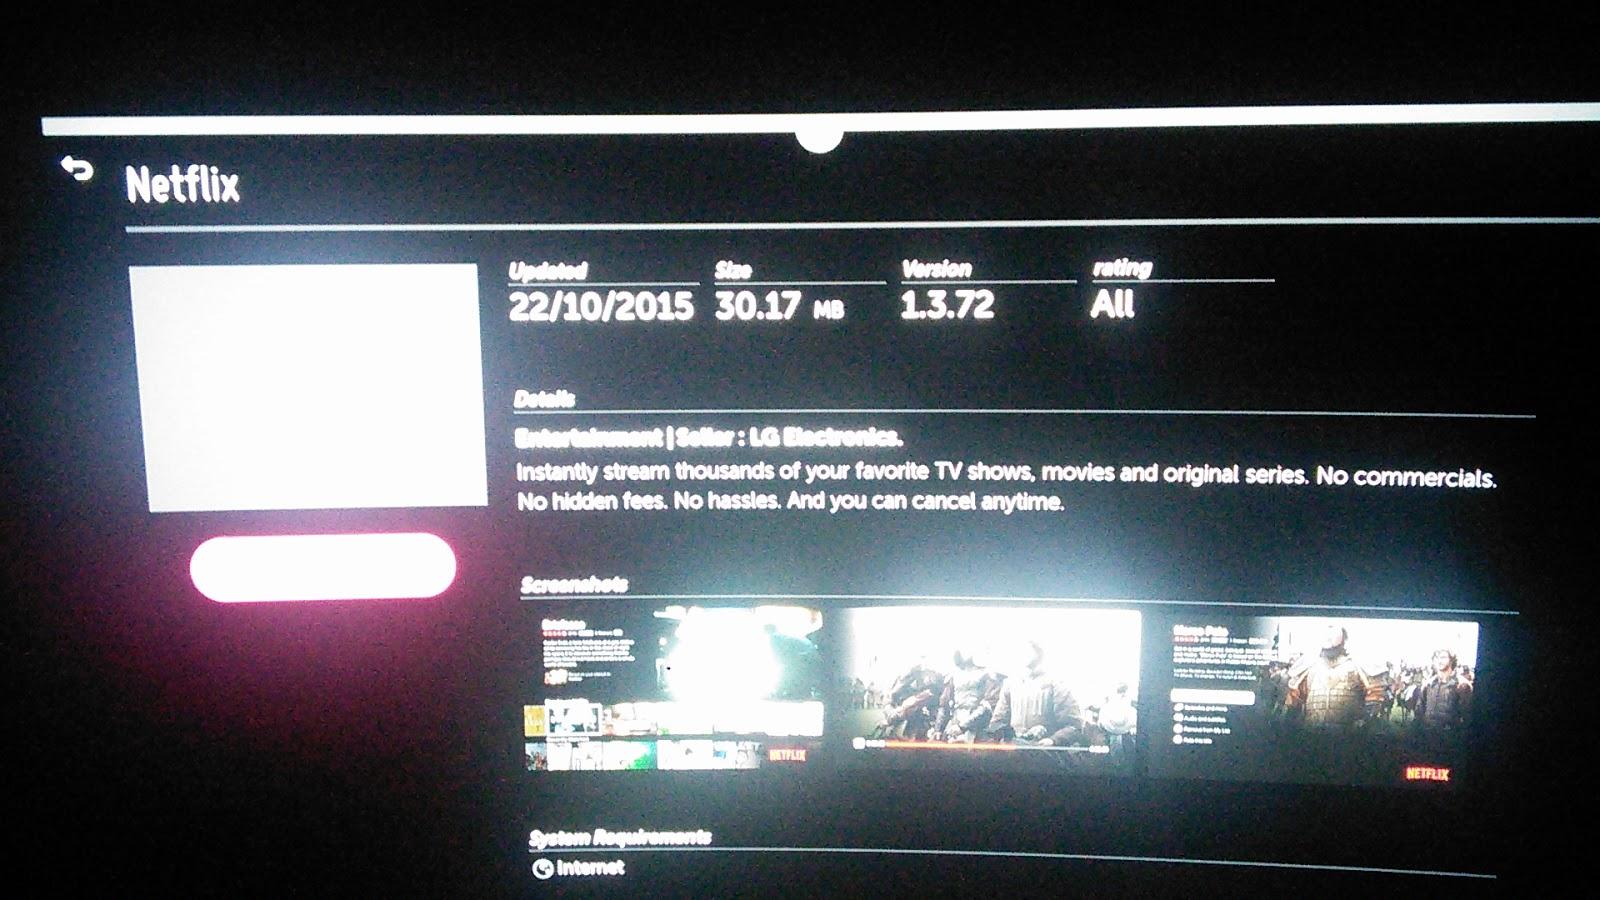 LG EG960T 4K OLED TV Software update